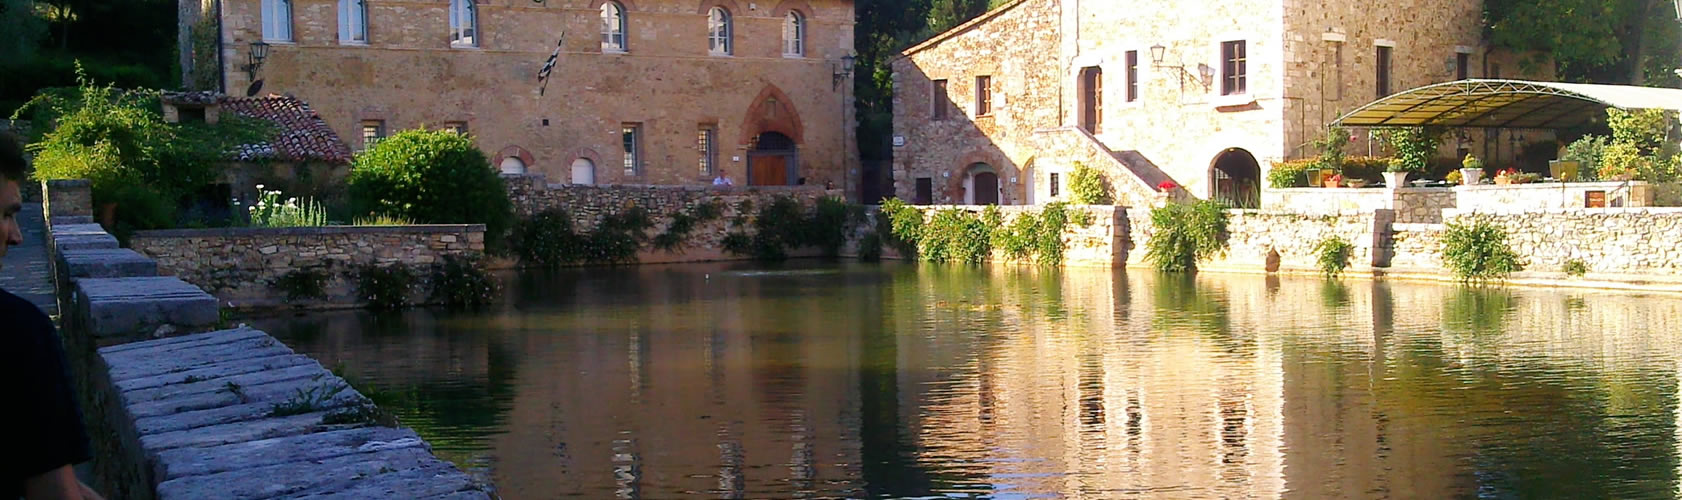 prenota la tua vacanza a montepulciano e dintorni